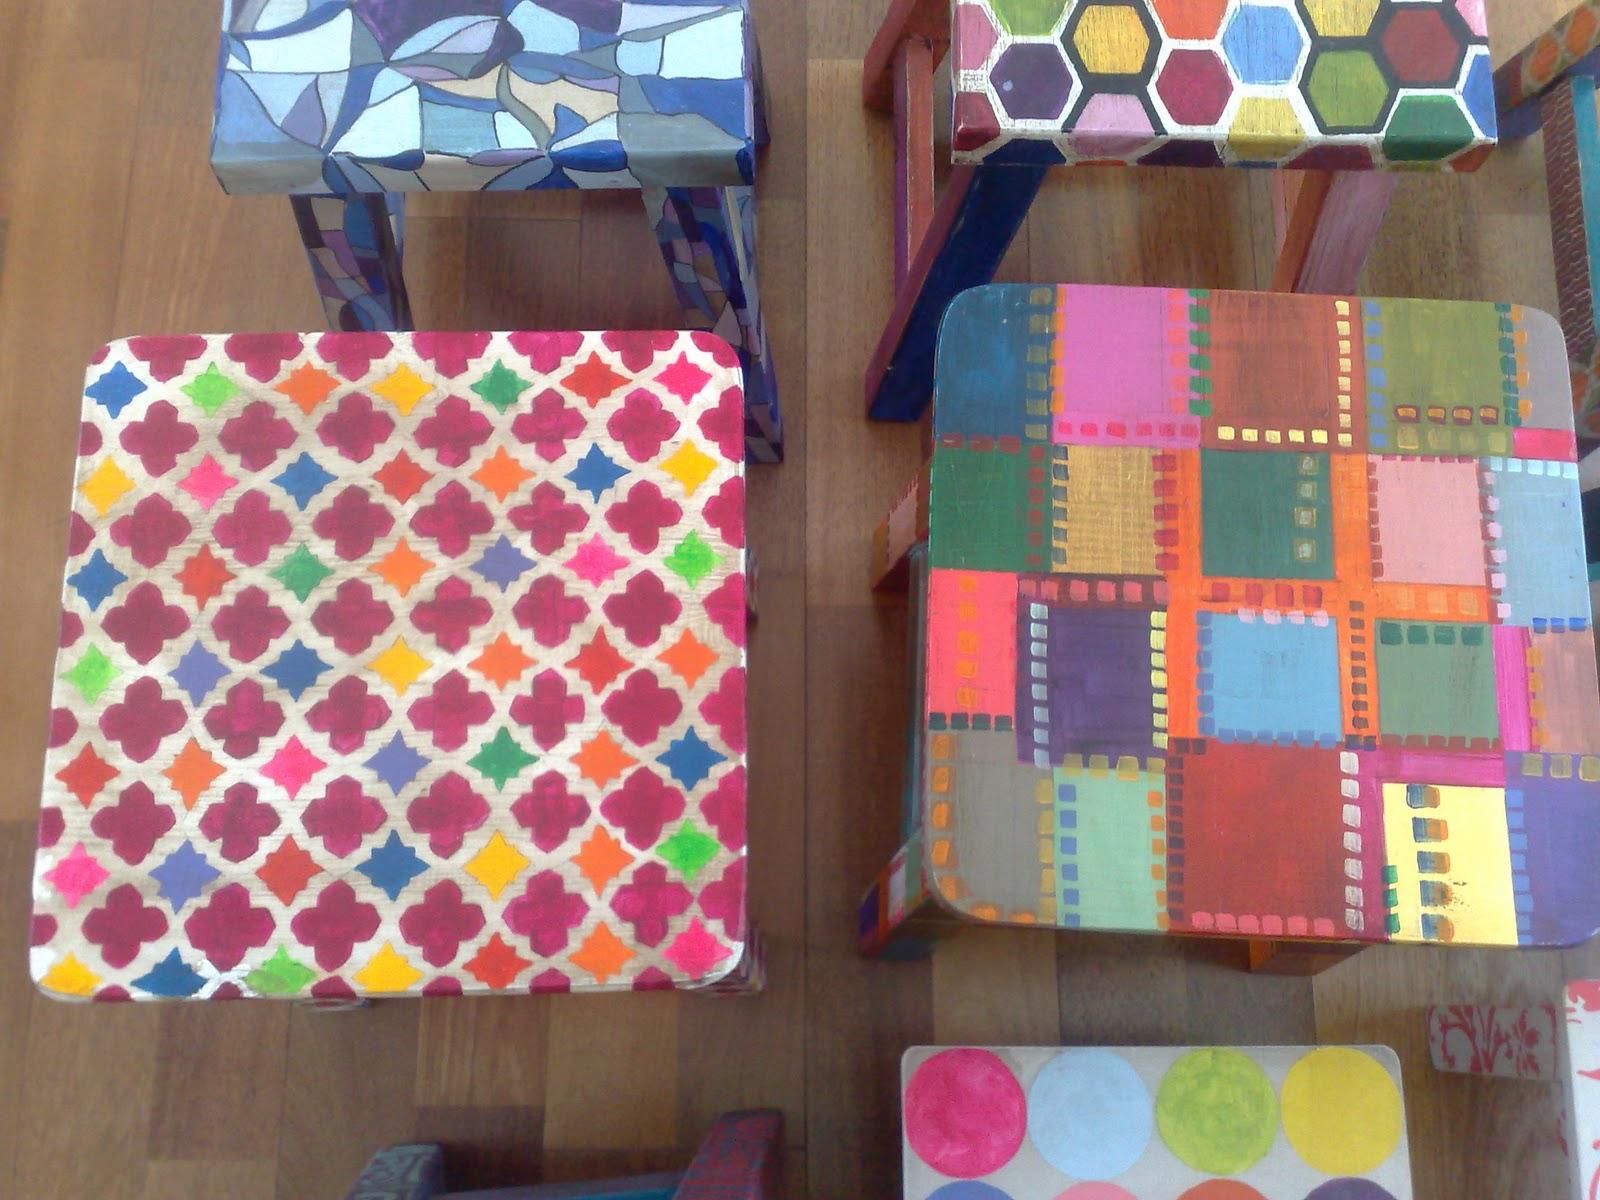 Vintouch muebles reciclados pintados a mano bancos for Muebles pintados a mano